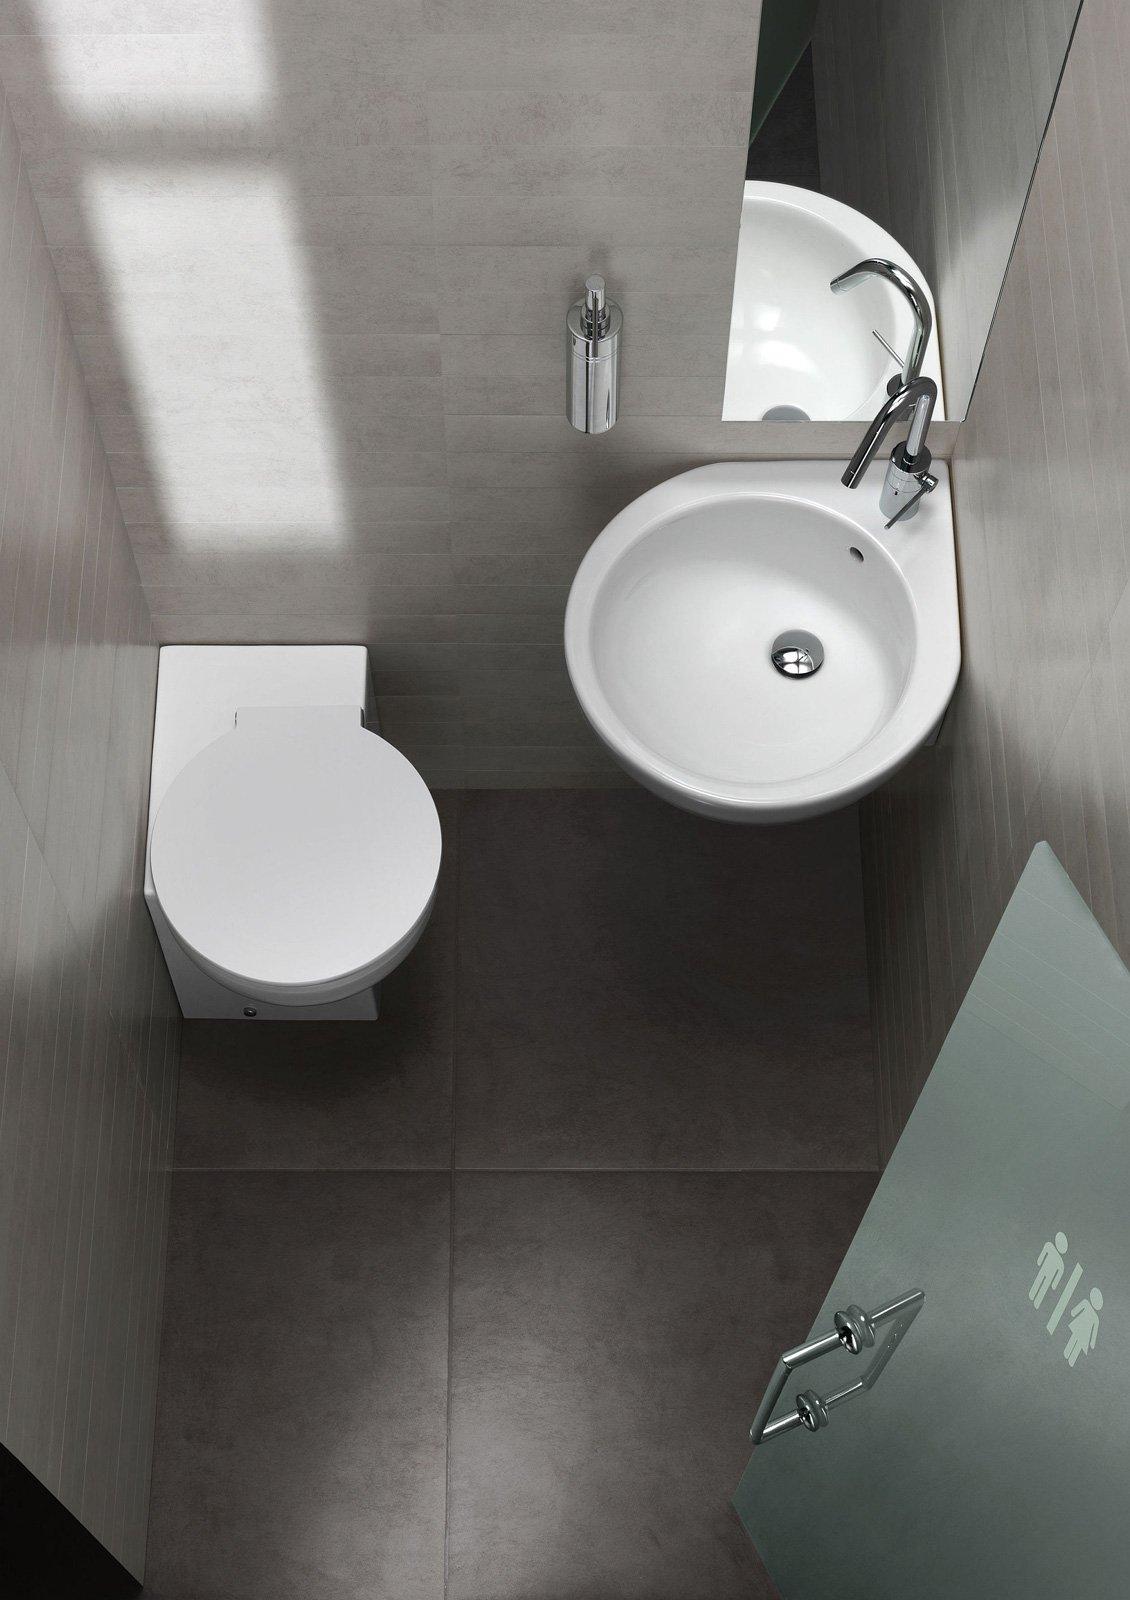 Salvaspazio per il bagno: water e bidet piccoli - Cose di Casa